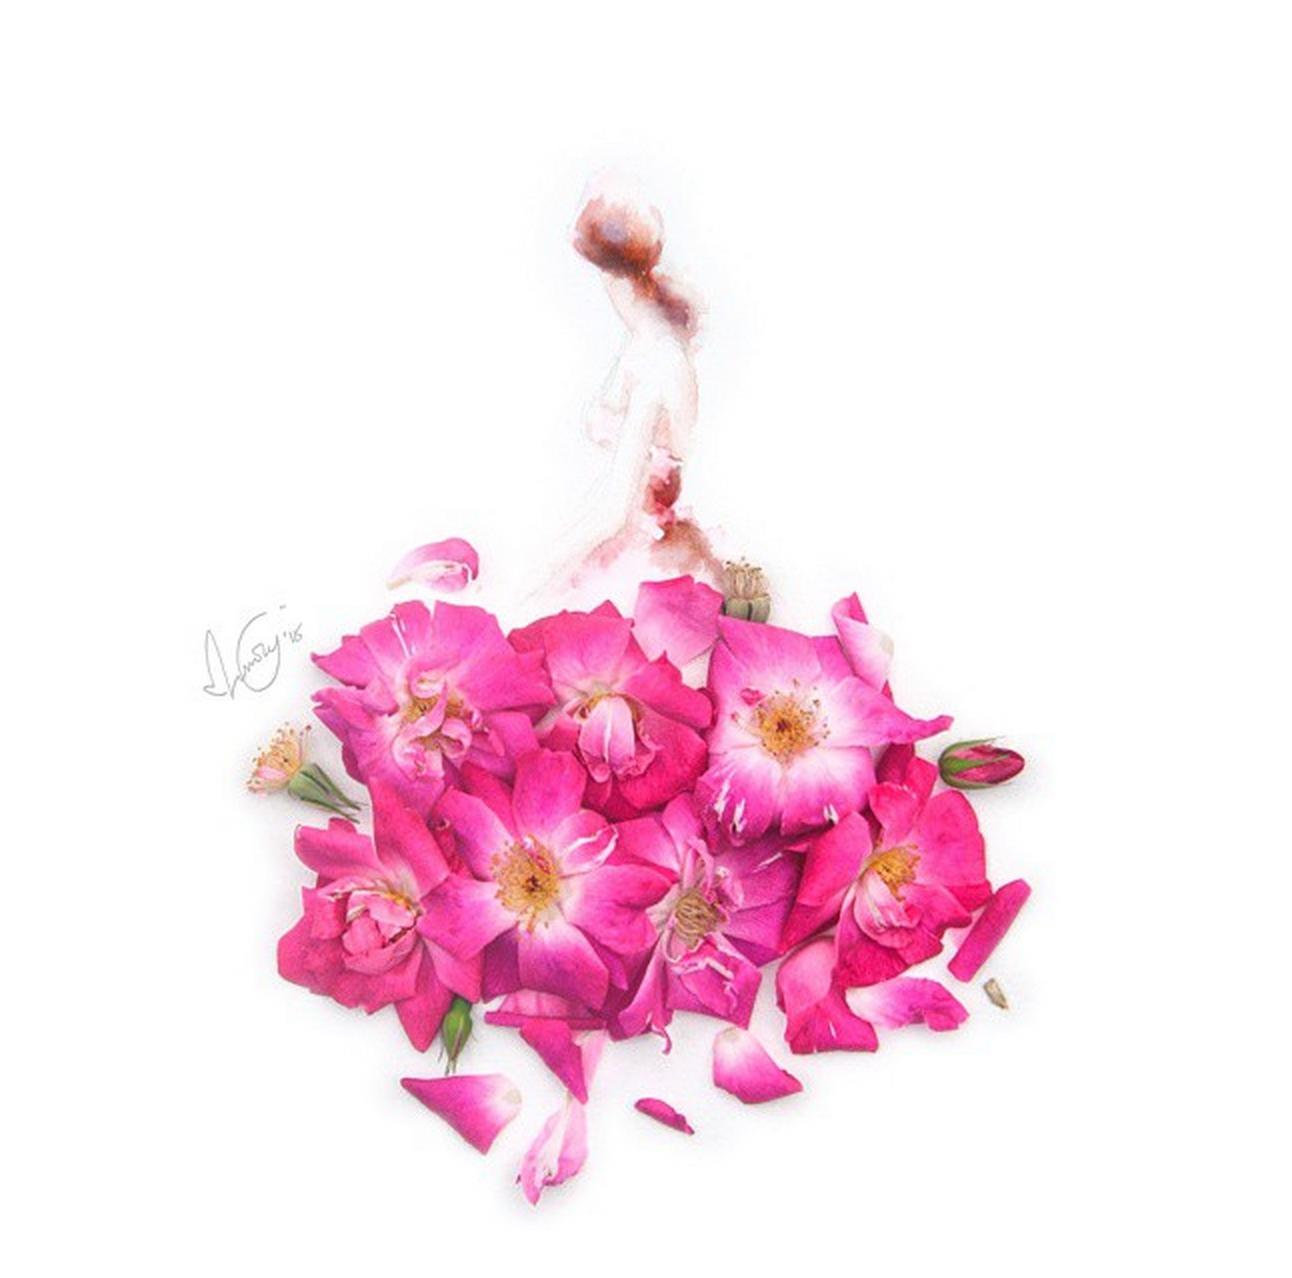 ảnh Lim Zhi Wei,cô gái mặc váy hoa,sáng tạo